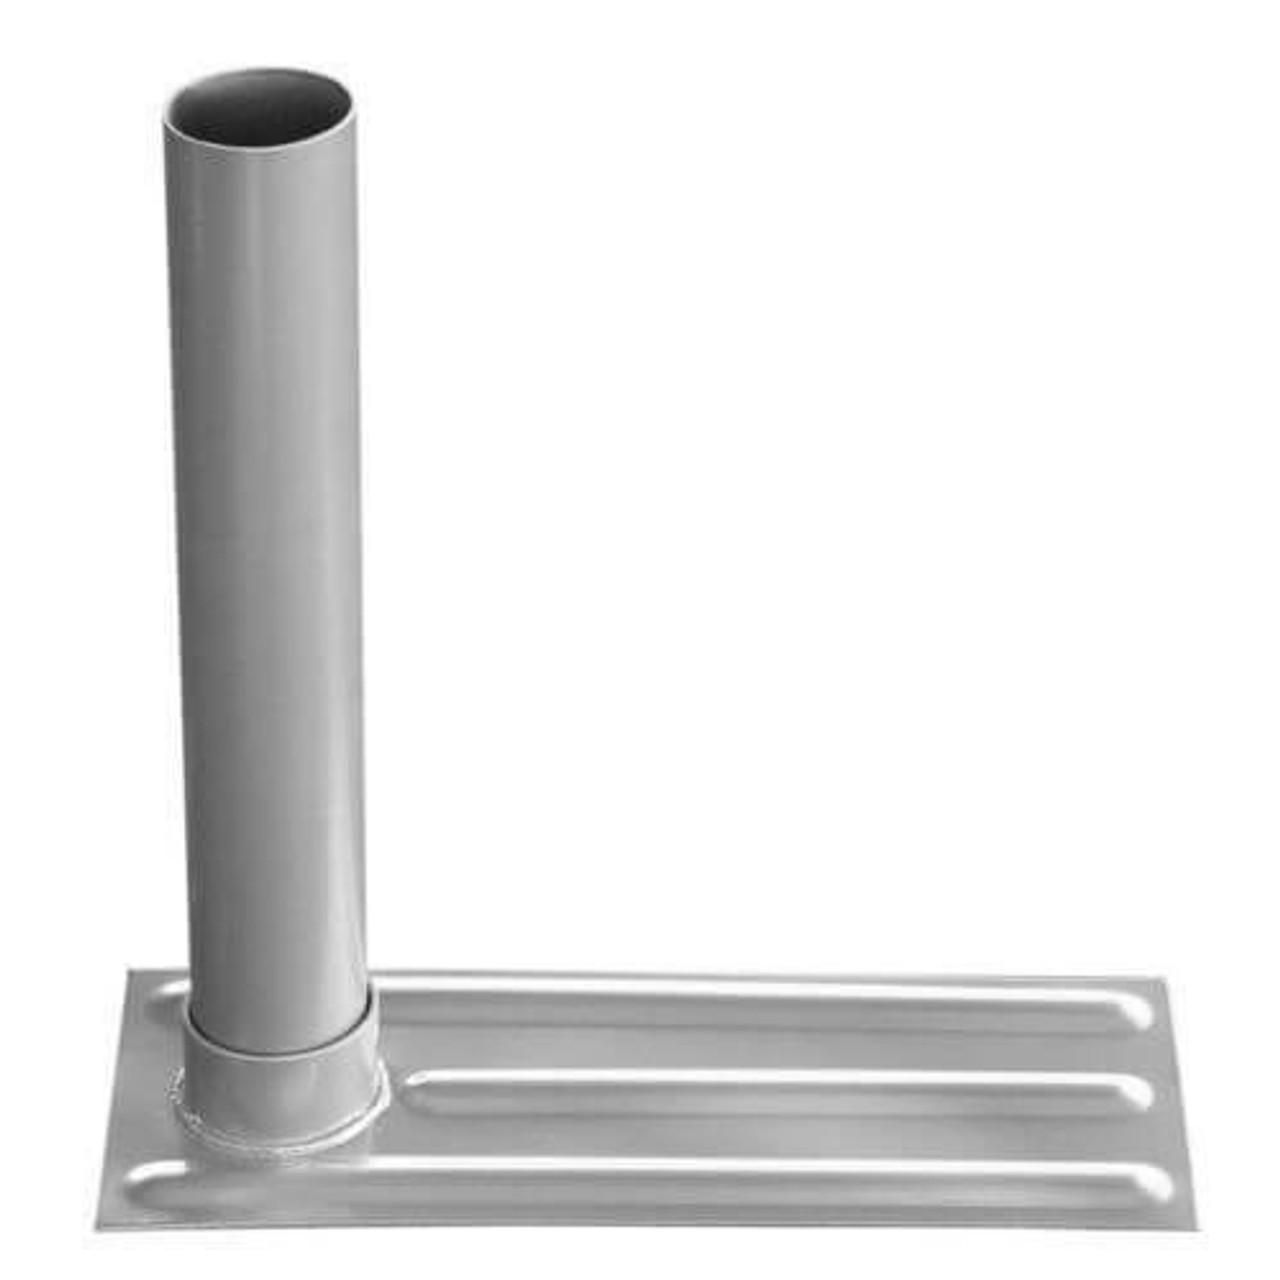 Aluminum Wheel Stand